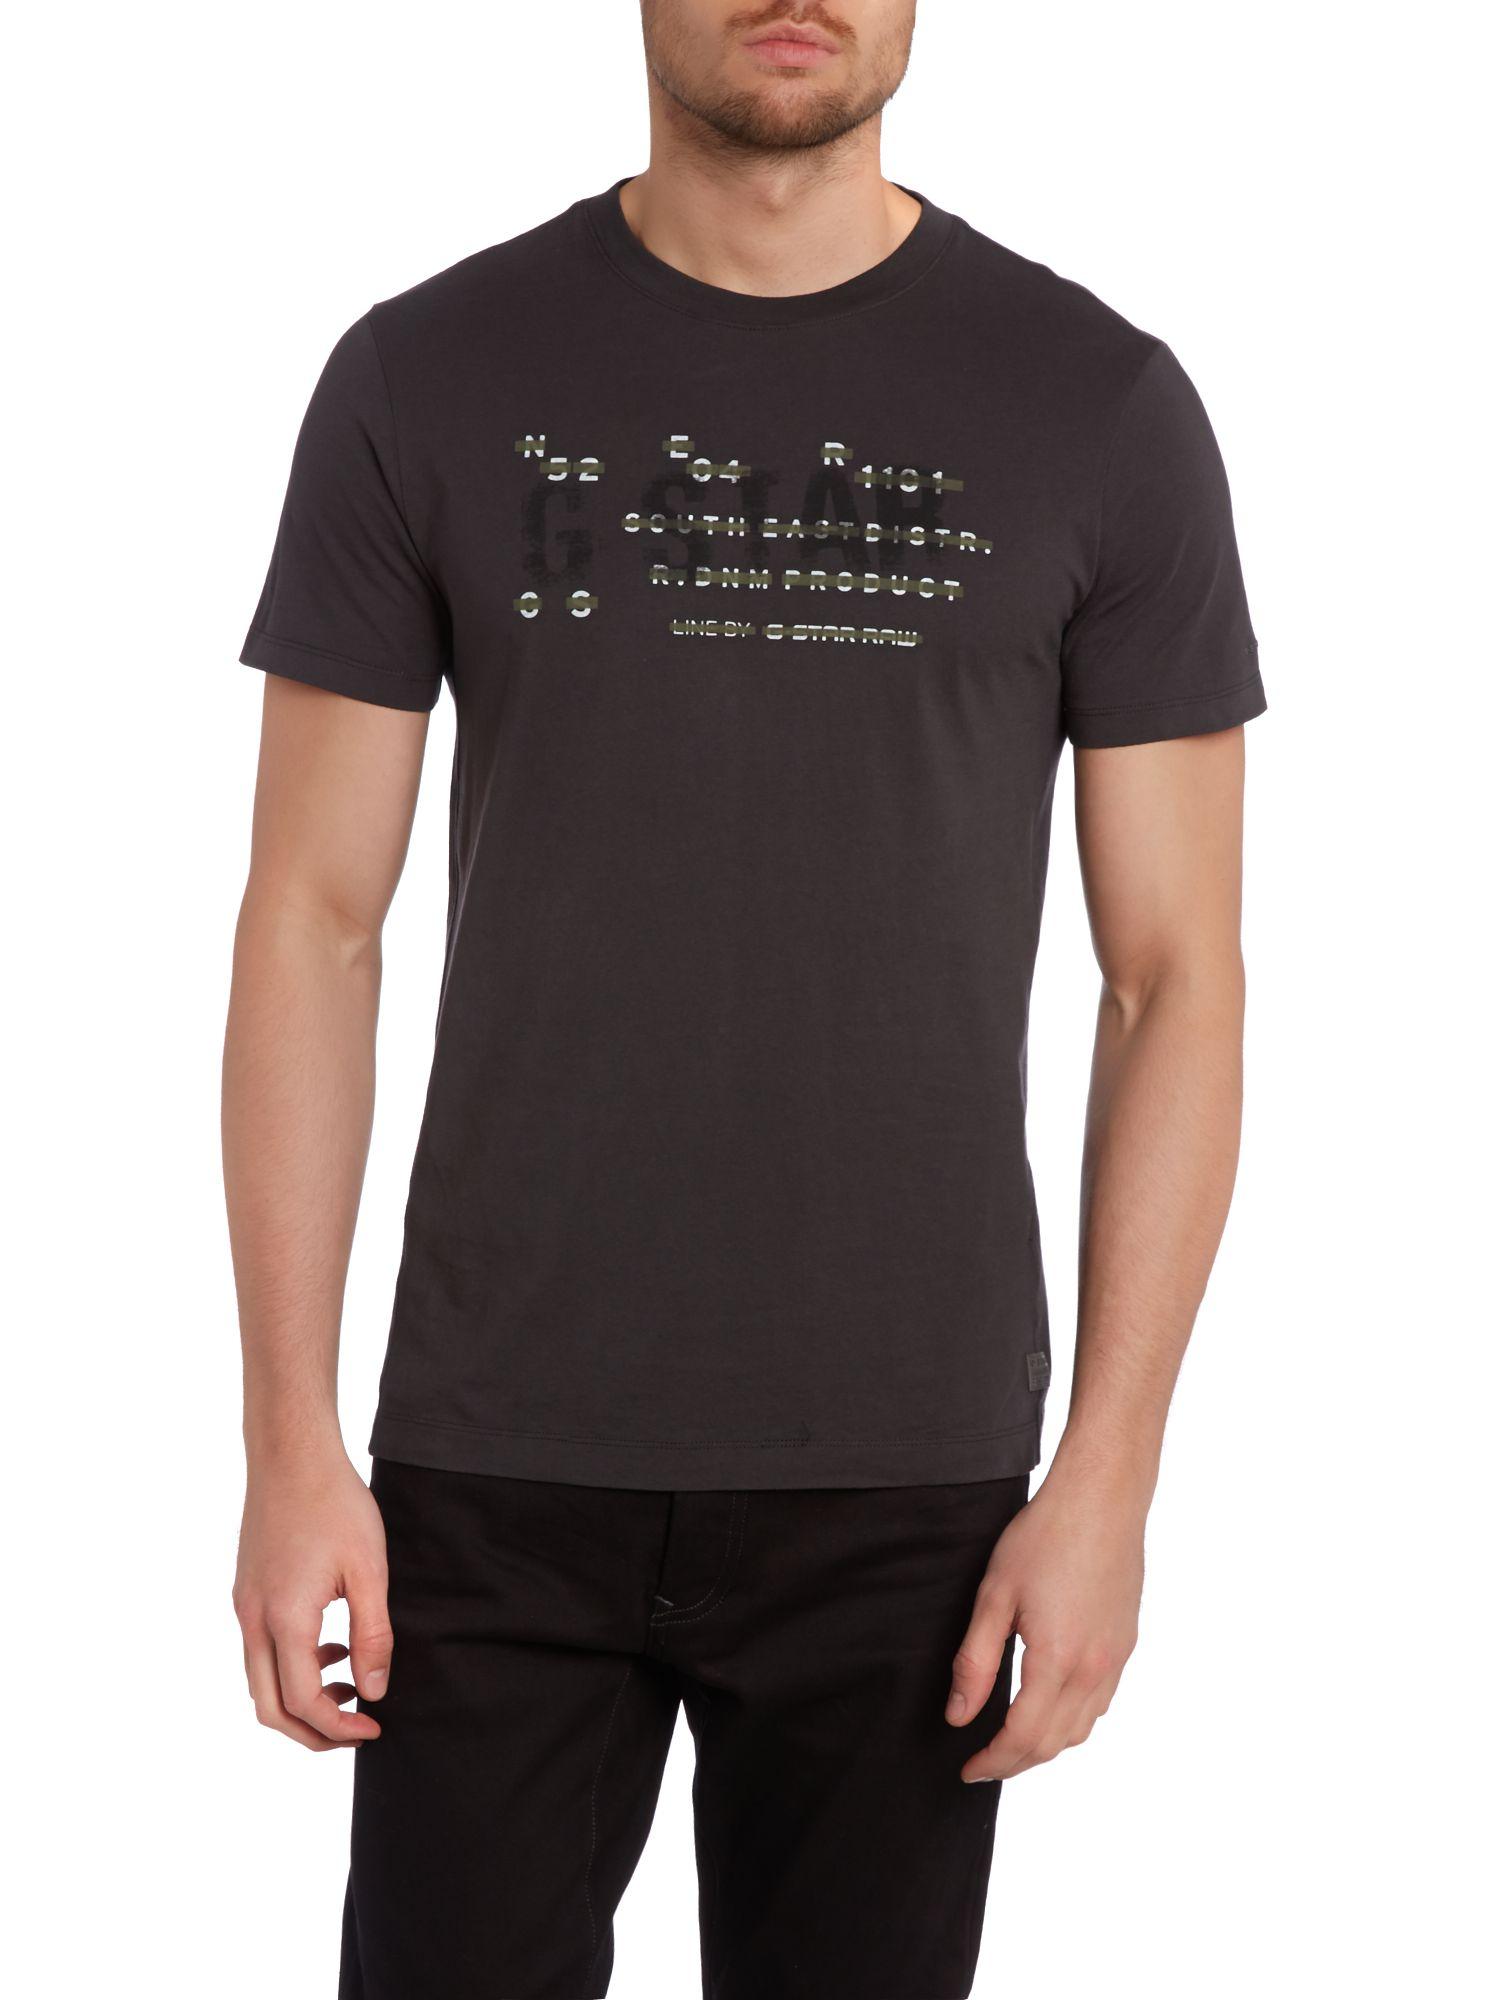 lyst g star raw number print logo t shirt in black for men. Black Bedroom Furniture Sets. Home Design Ideas